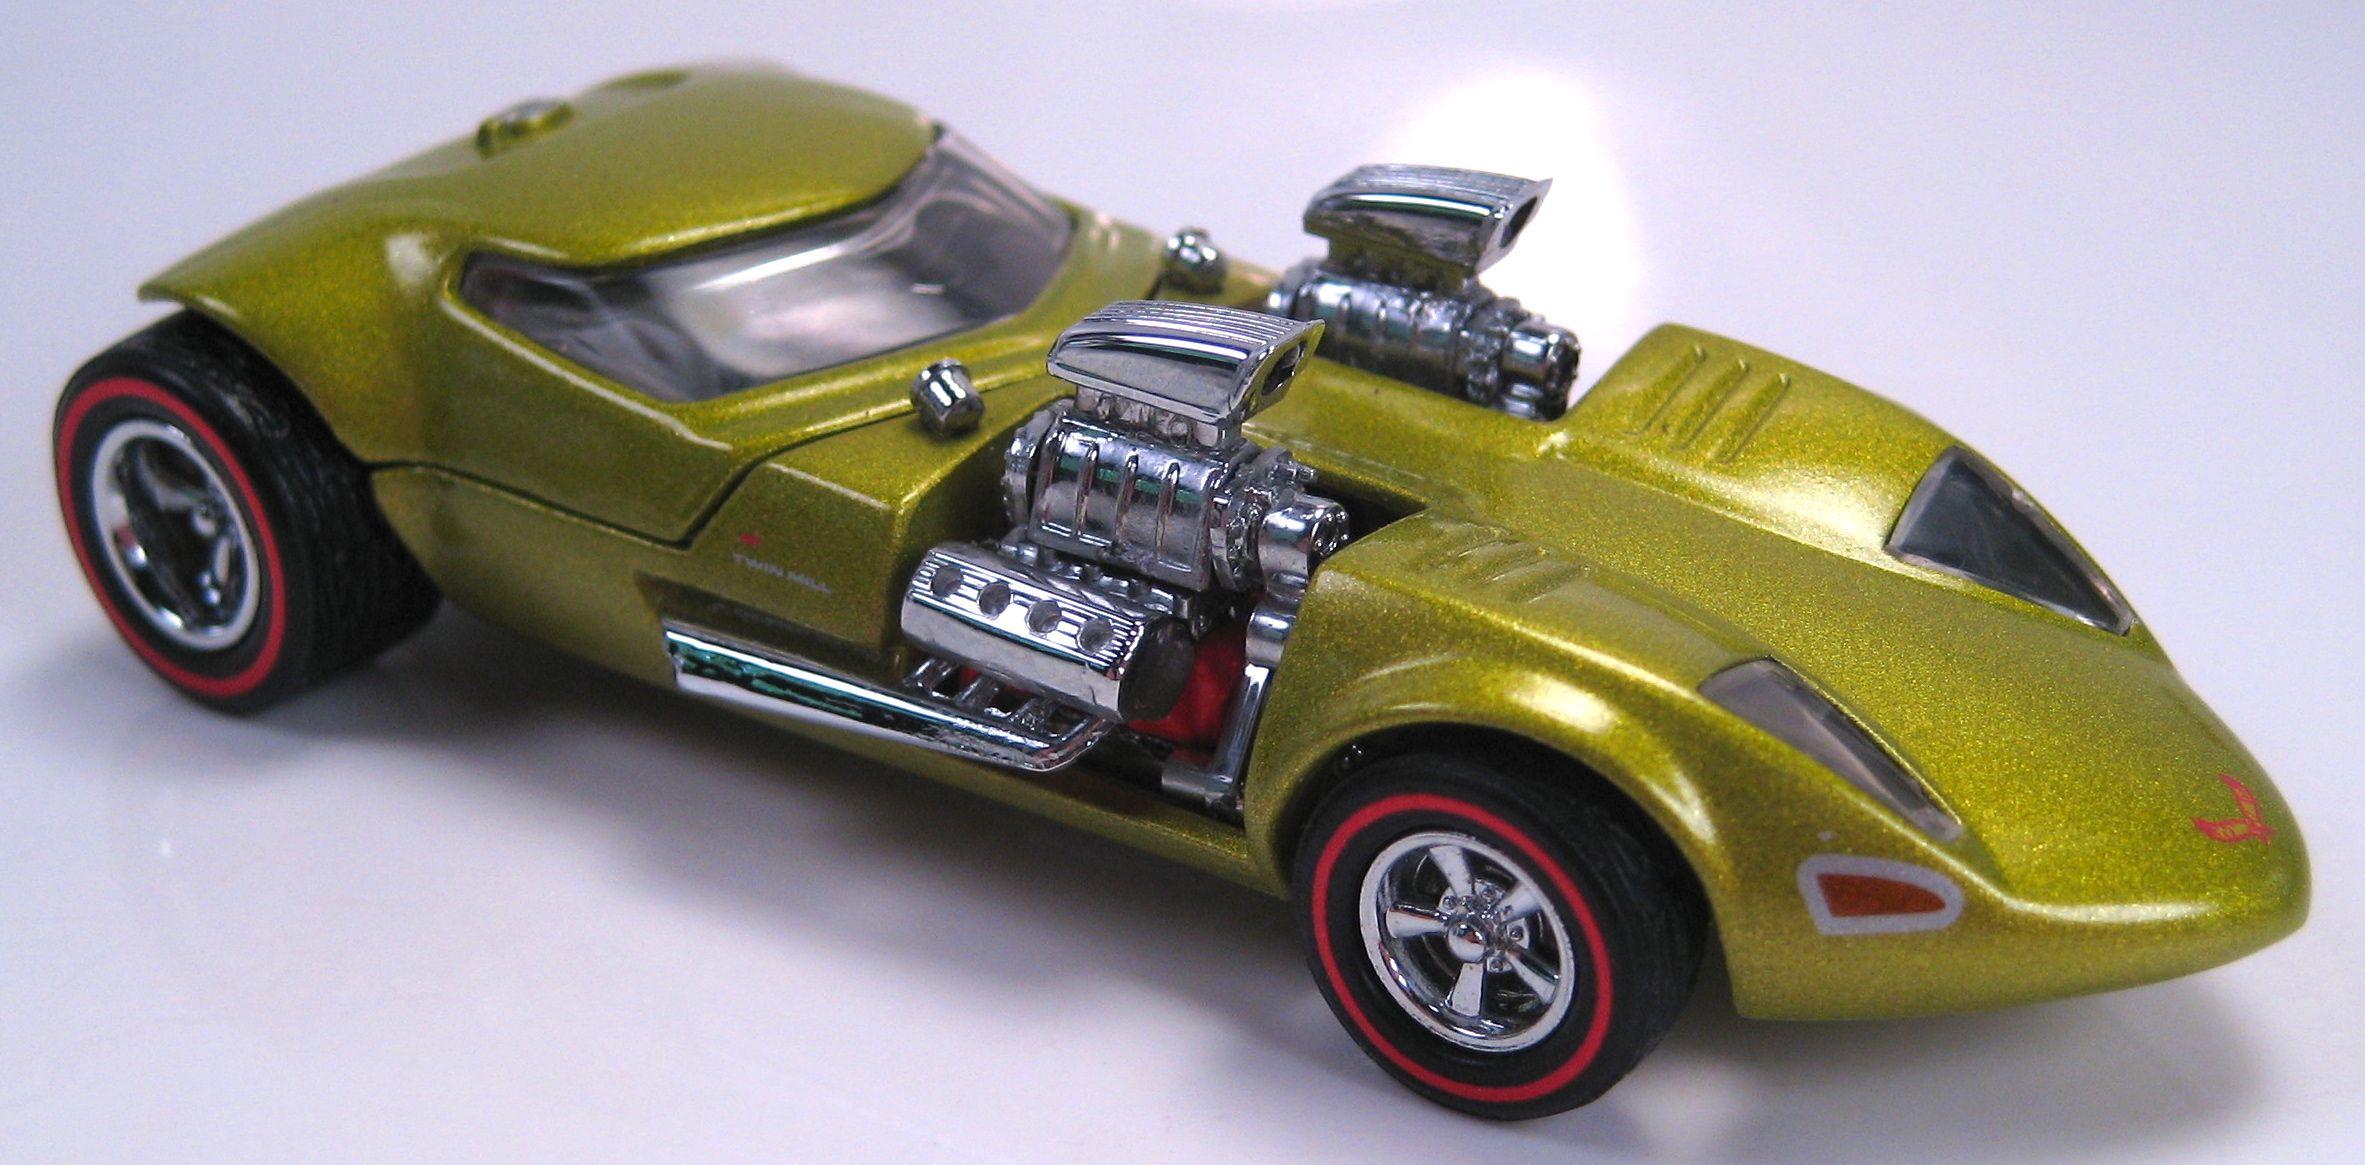 Mattel legends 1 24 1969 hot wheels twin mill concept car electronic - Twin Mill My Favorite Hot Wheels Car